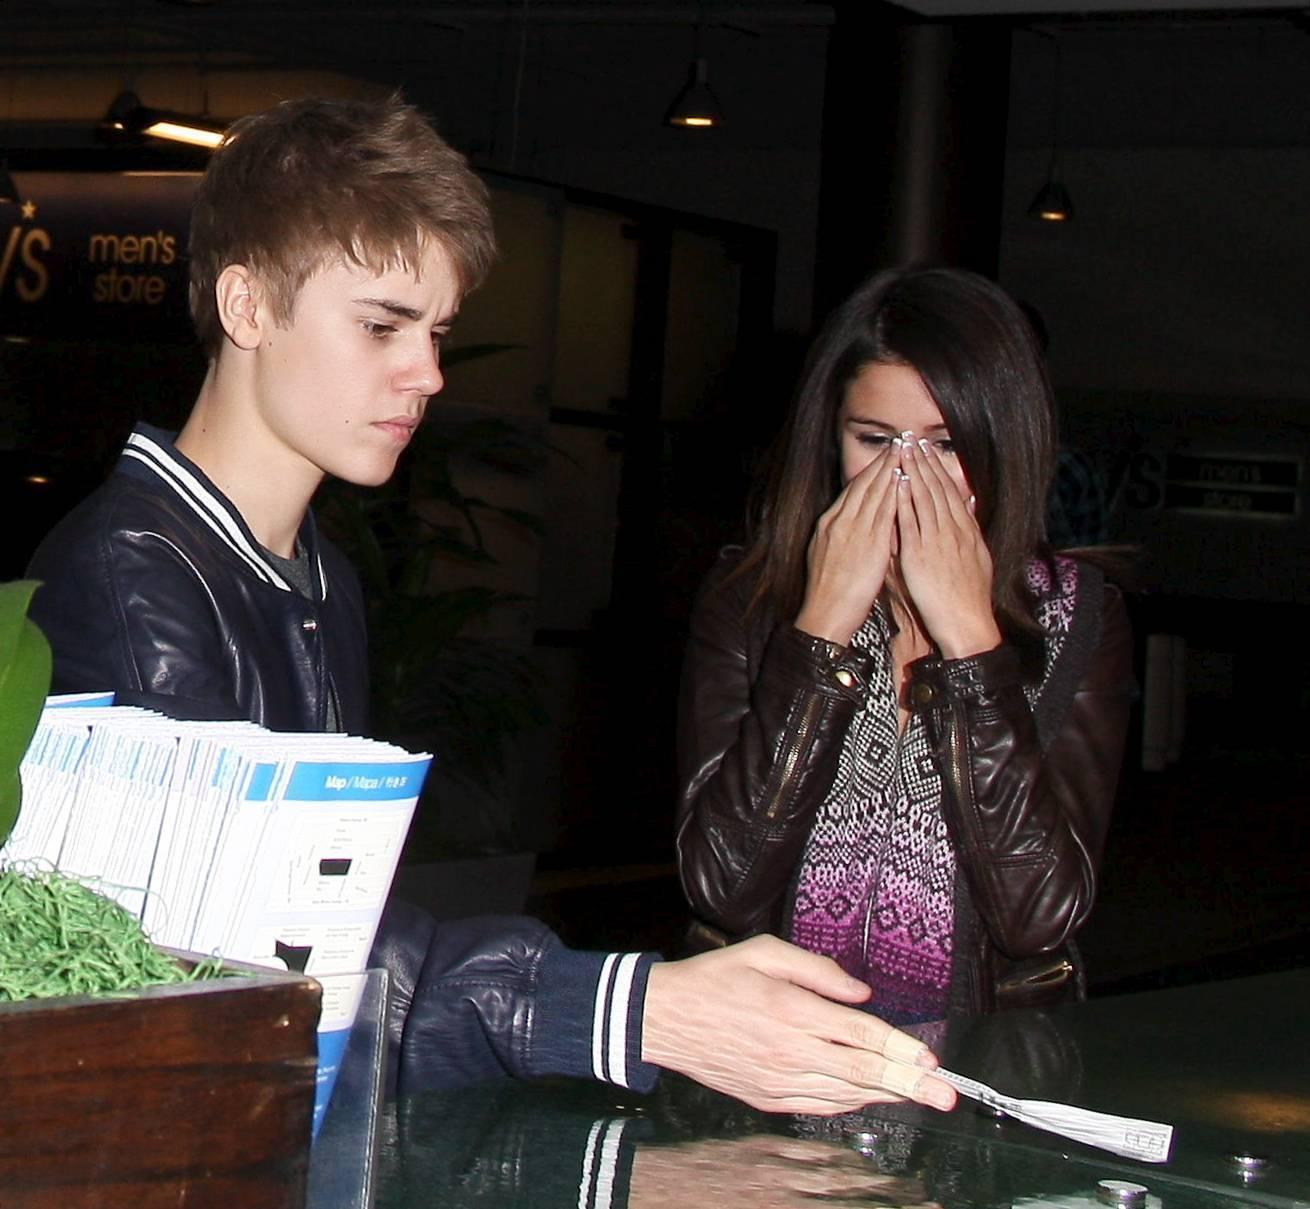 http://2.bp.blogspot.com/-F9JshexT0vs/Tmt0mSferHI/AAAAAAAAASk/6D-ghckgOeM/s1600/Justin+Bieber+2011+Wallpaper+3.jpg